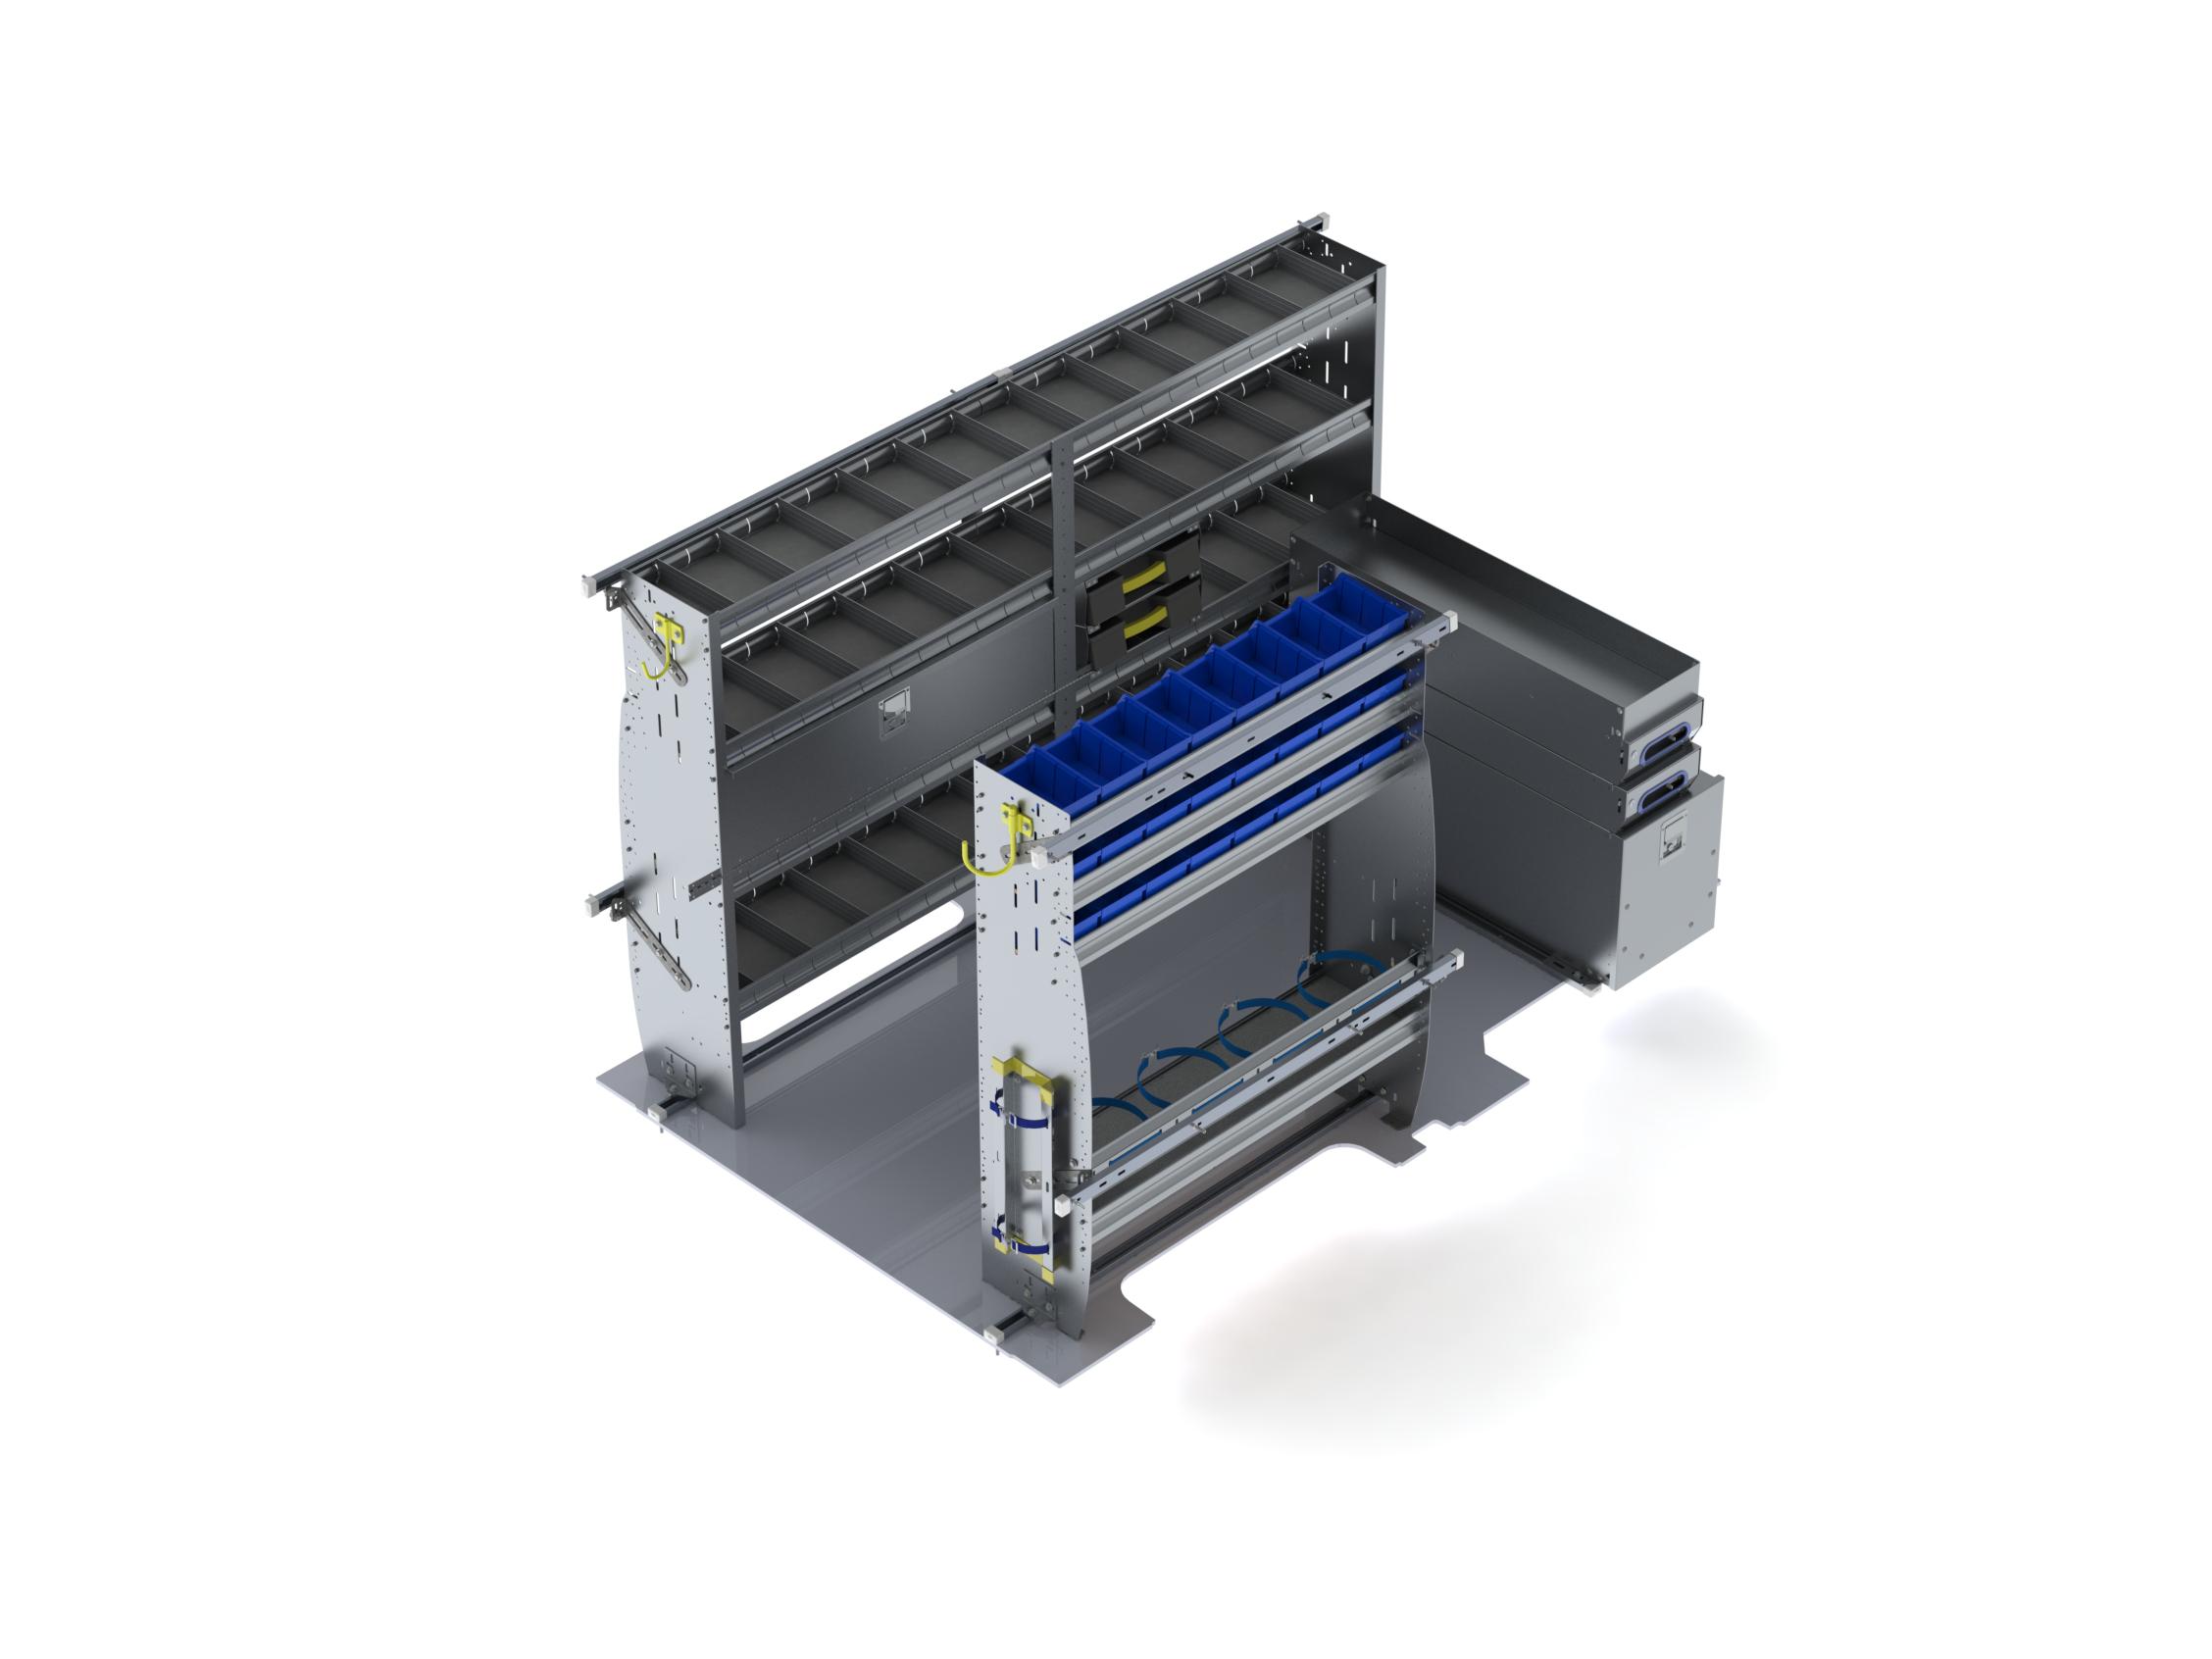 f312 ensemble chauffage ventilation et climatisation mobiltech. Black Bedroom Furniture Sets. Home Design Ideas